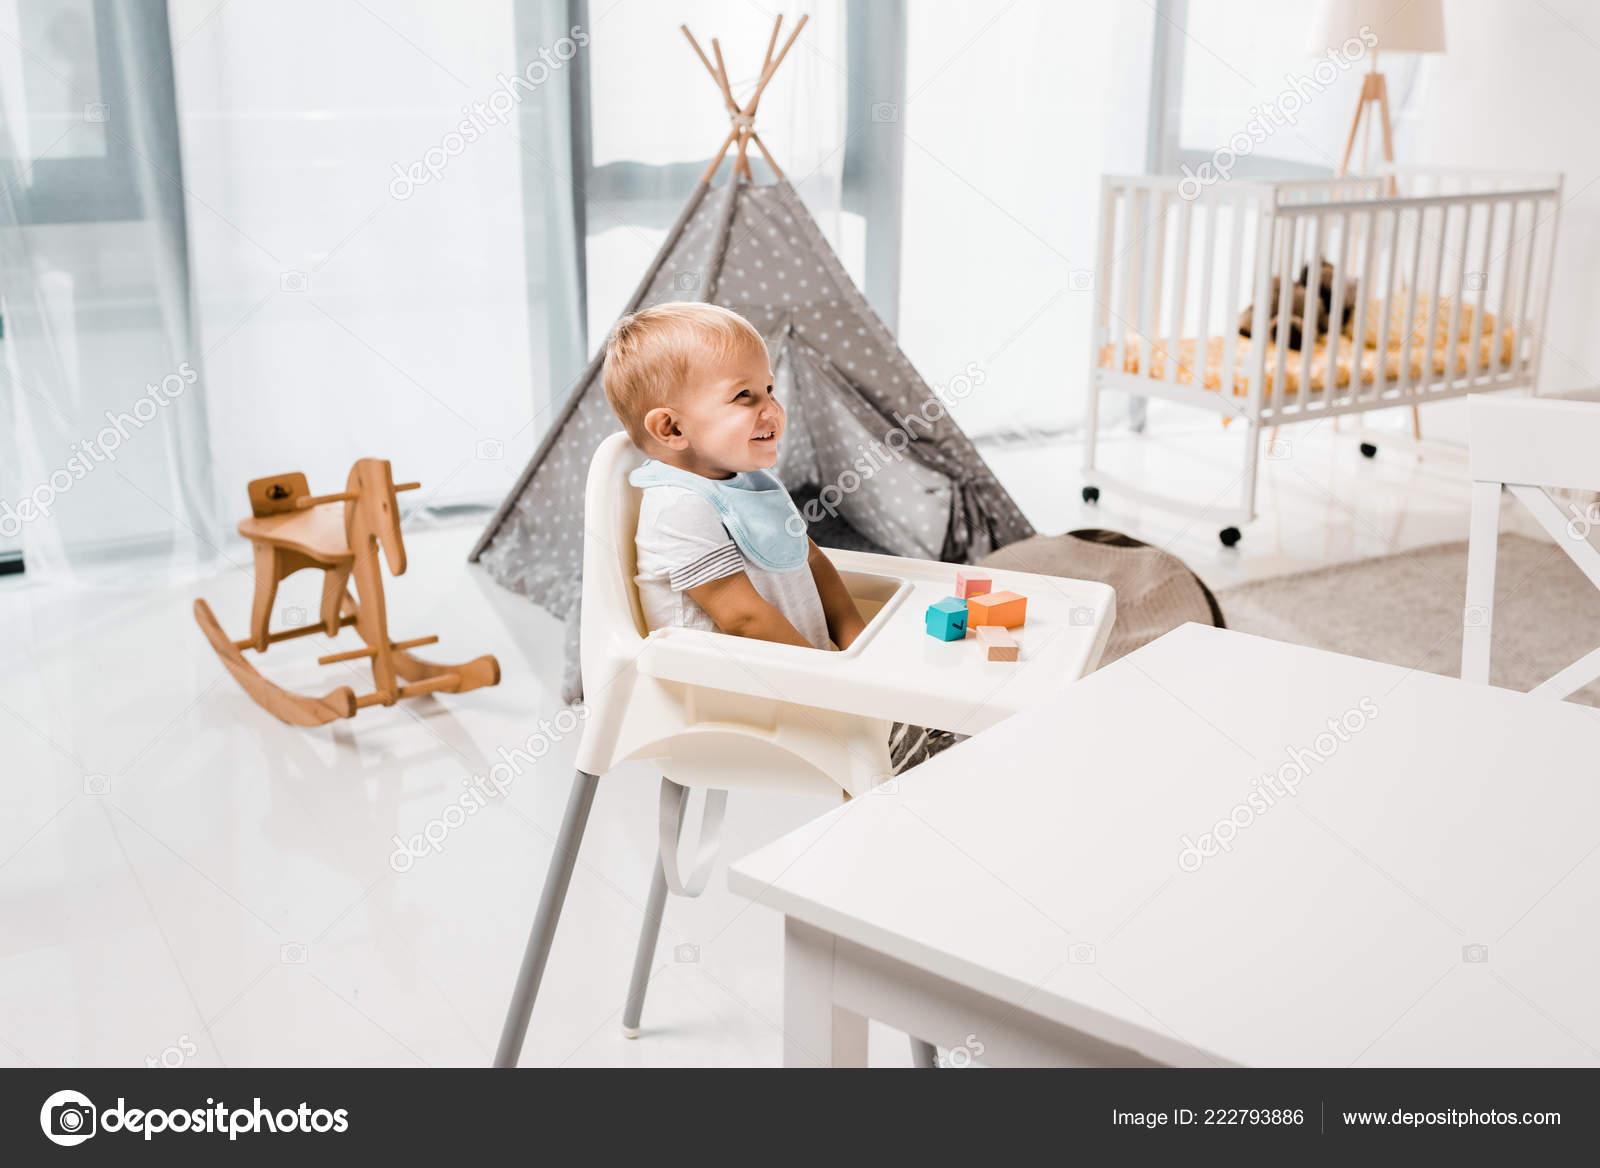 Kinderstoel Voor Peuters.Gelukkig Peuter Zit Kinderstoel Kwekerij Kamer Met Speelgoed